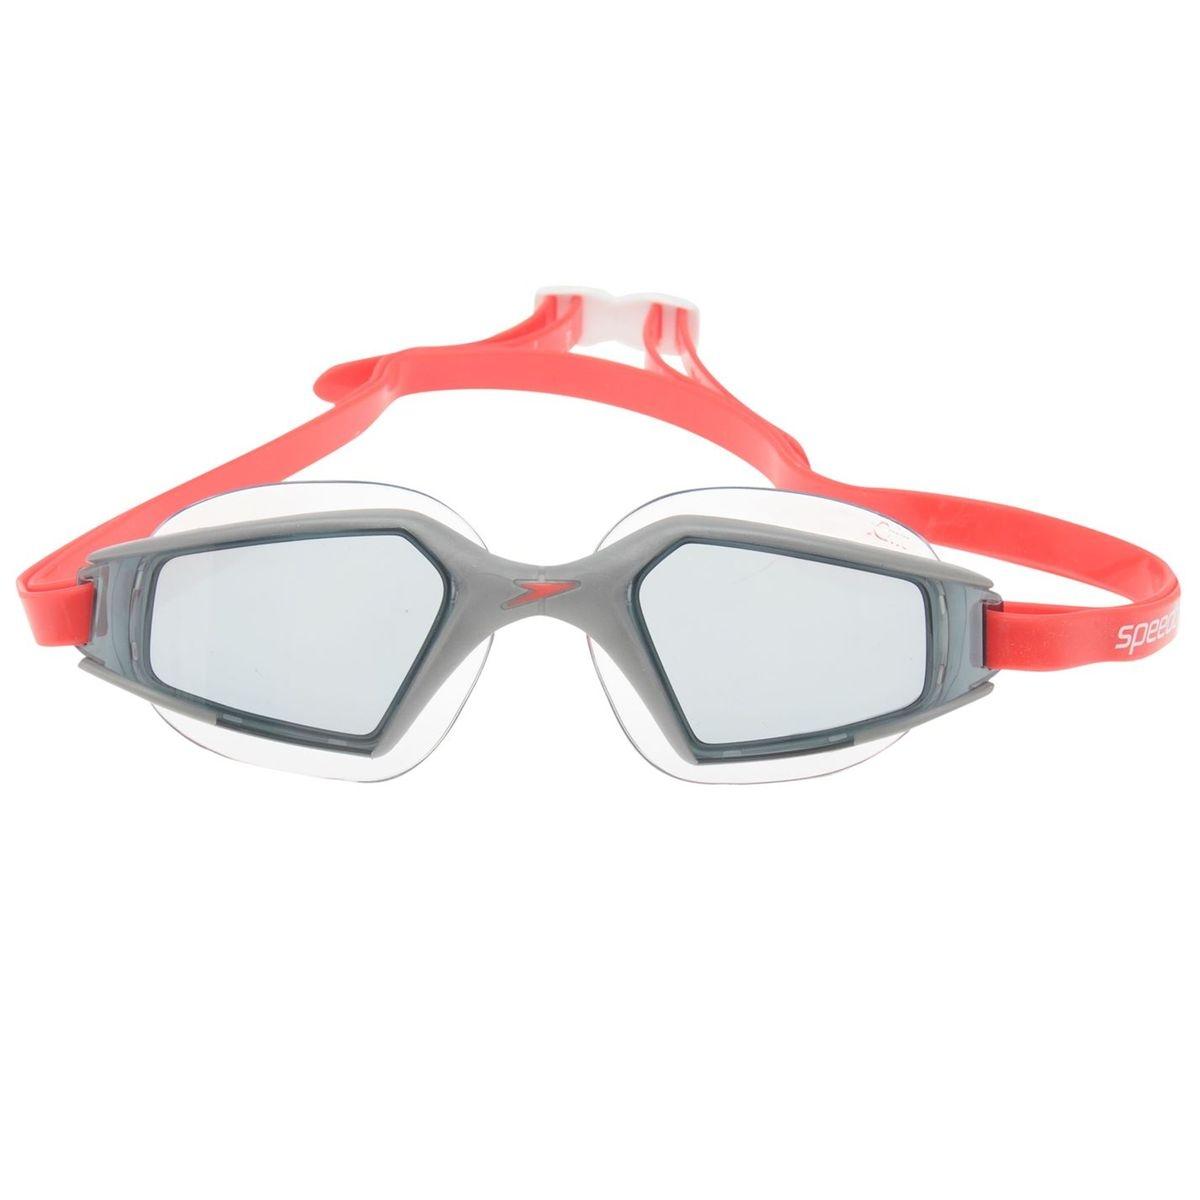 Lunettes de protection natation